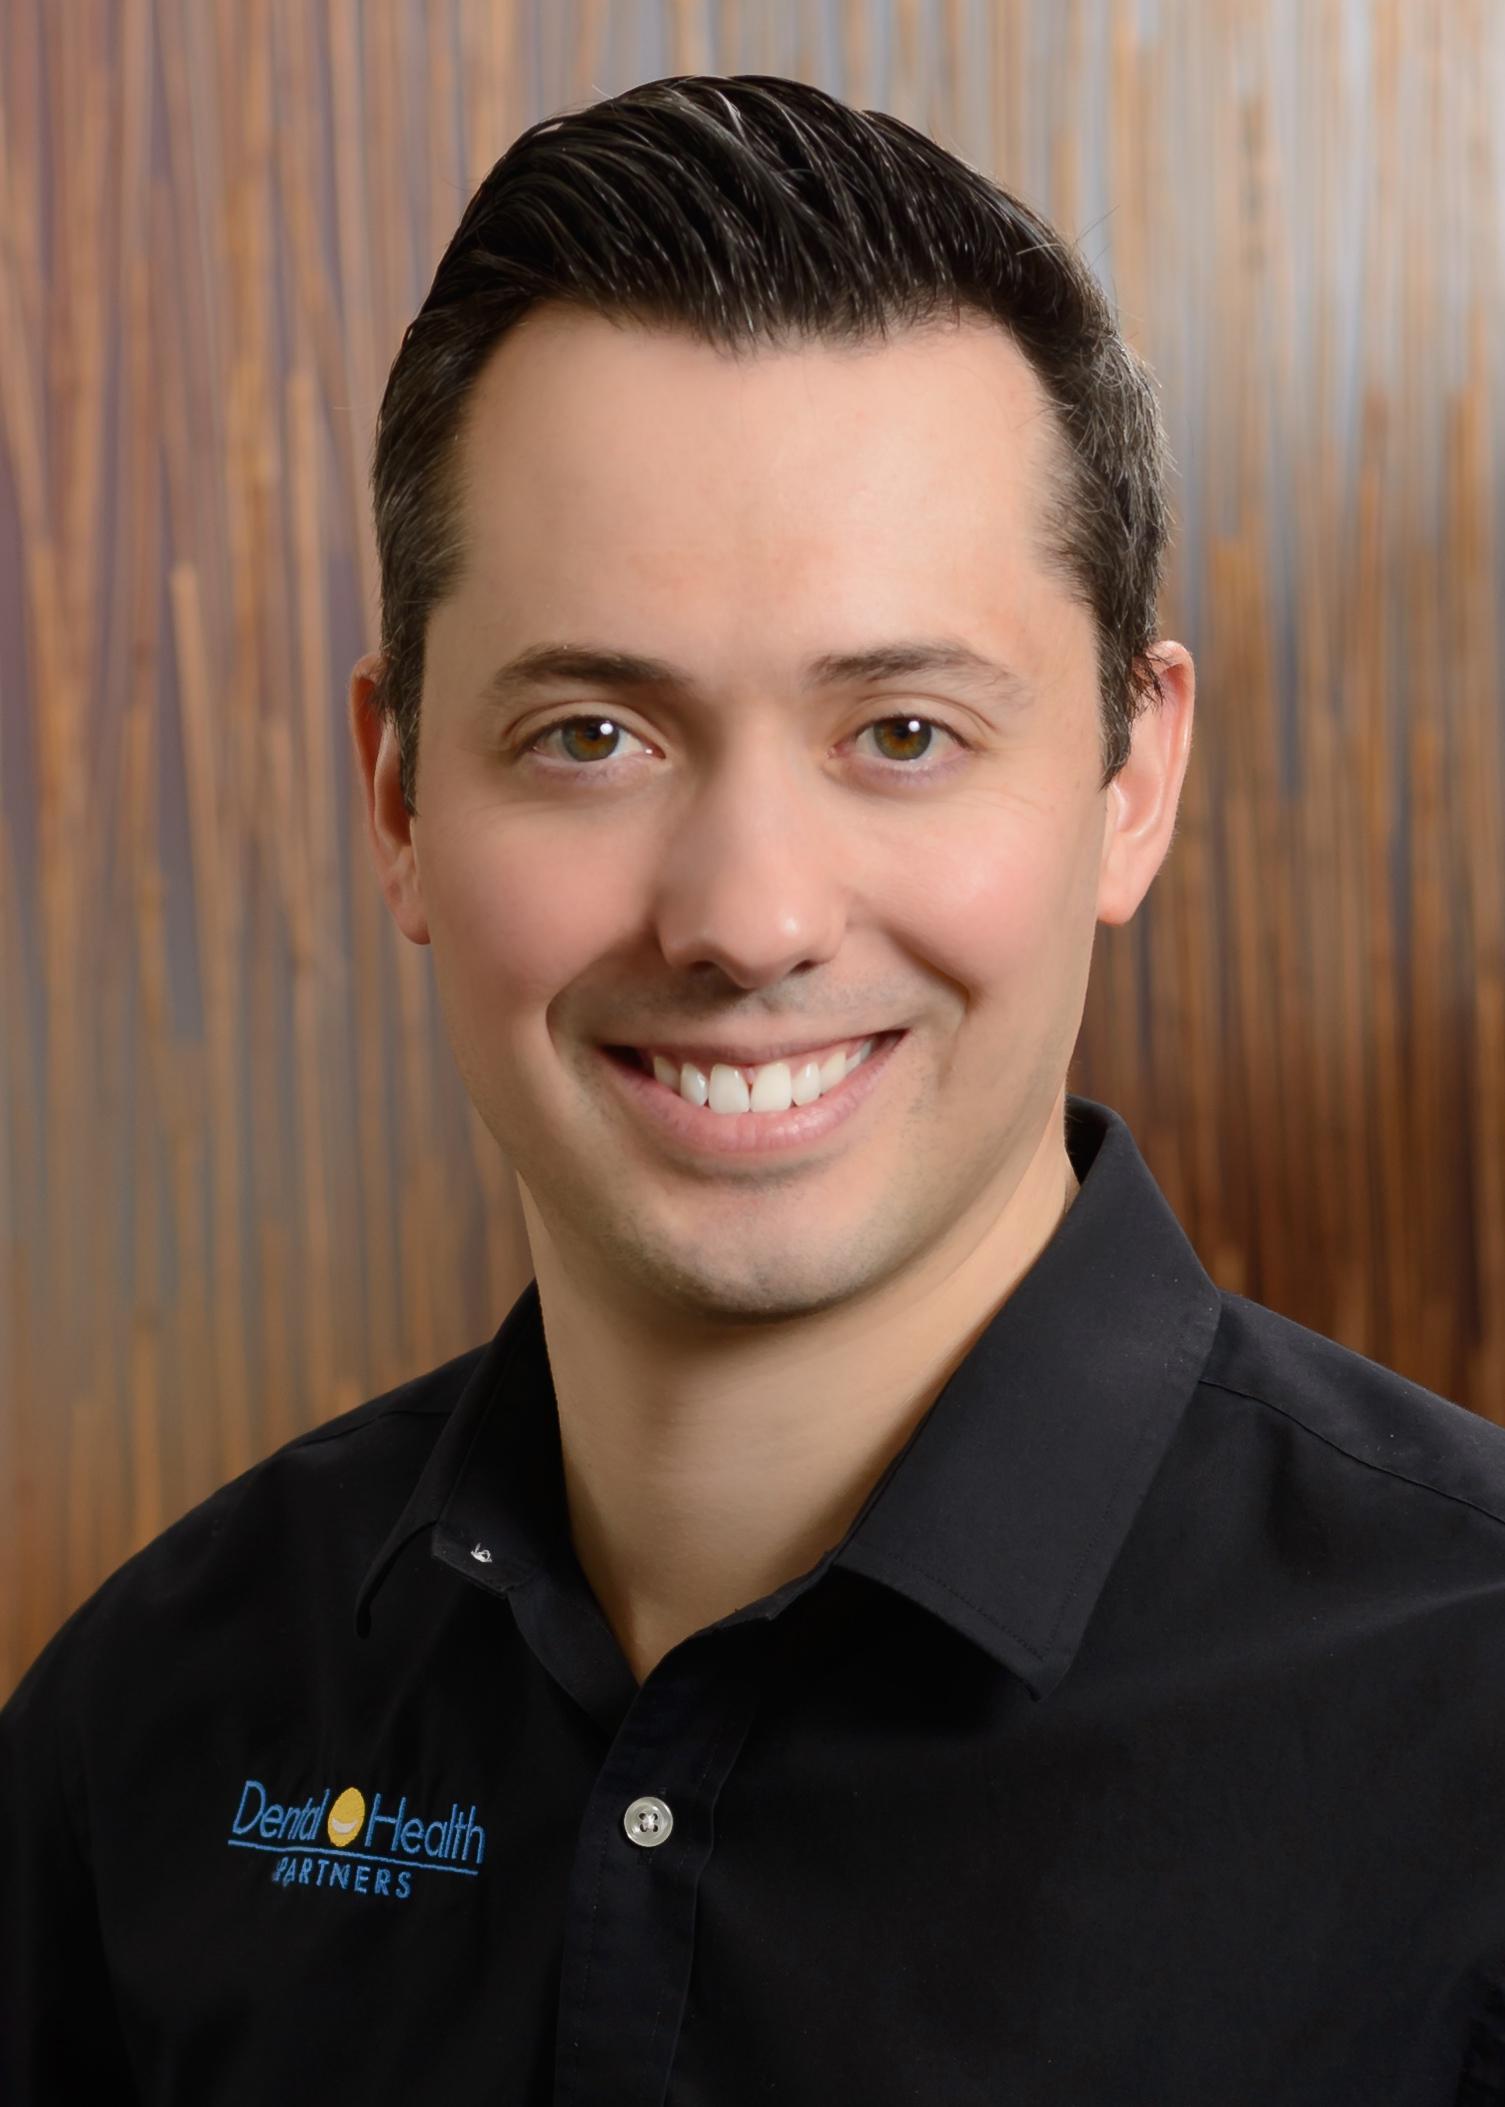 Dr Peter Ruggiero - Dental Health Partners, Cedar Rapids, IA